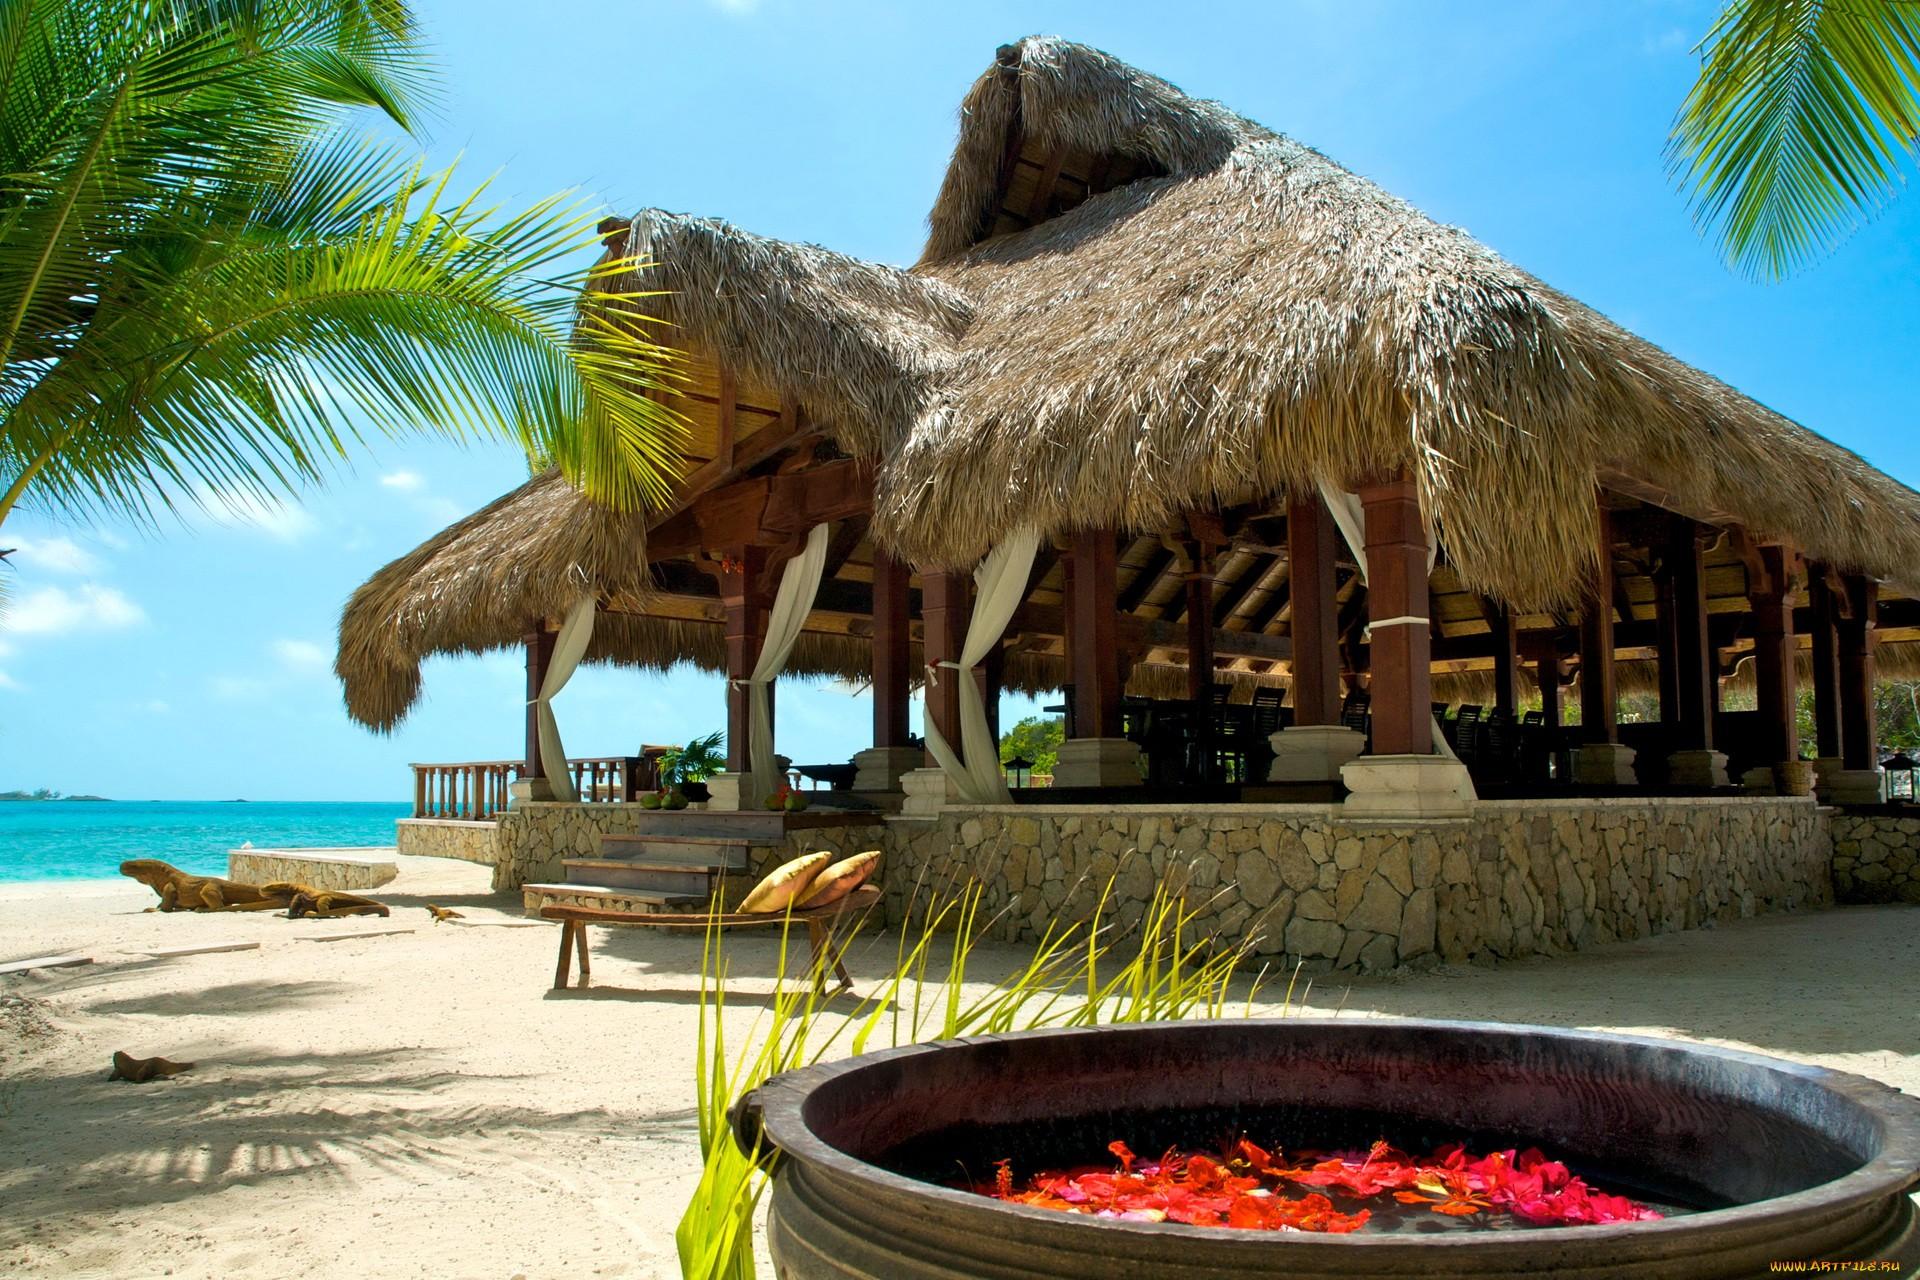 Багамы, отдых, пальмы, песок обои скачать